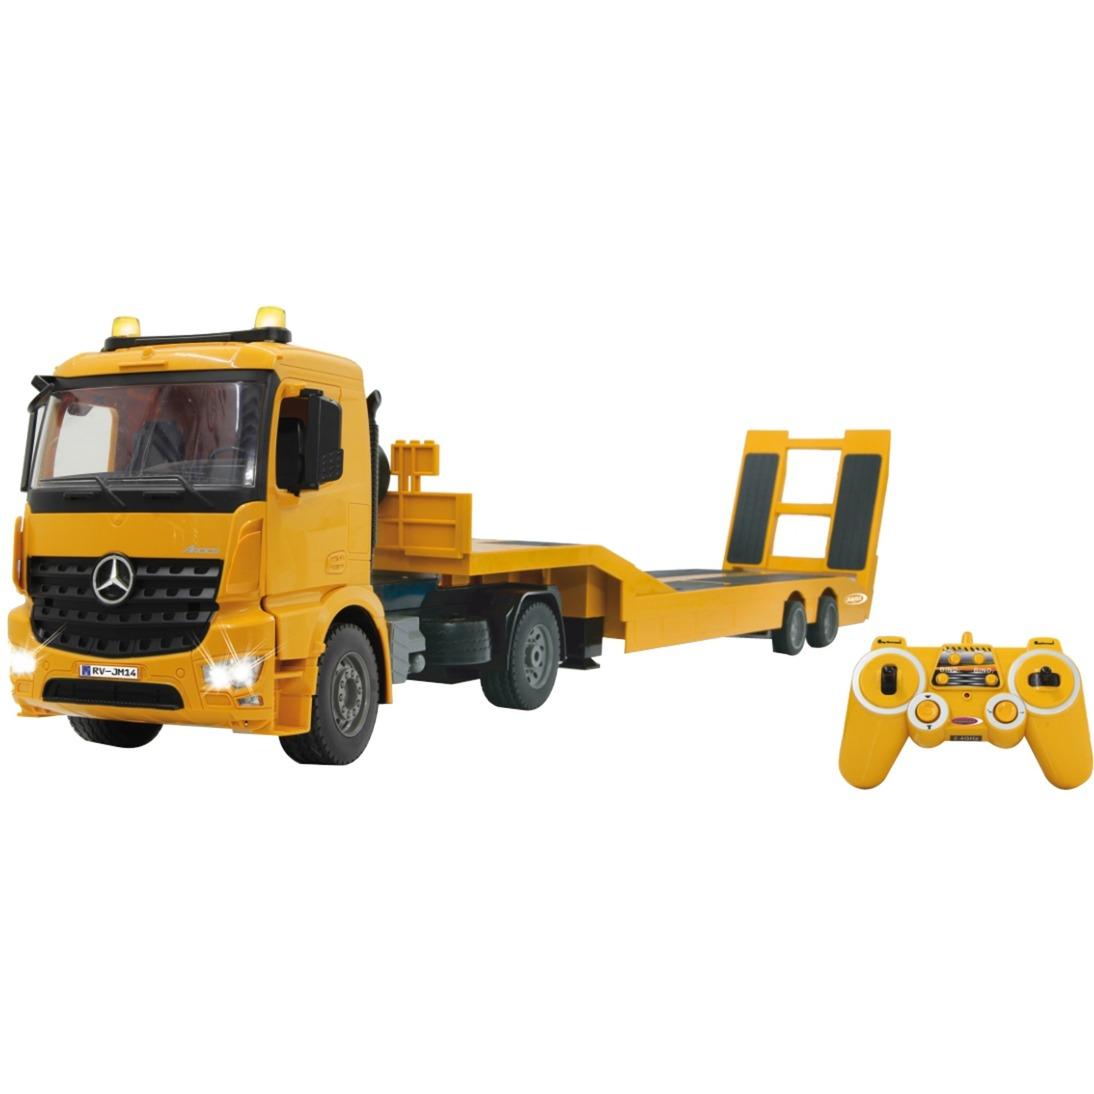 405107 vehículo de tierra por radio control (RC) On-road truck Motor eléctrico 1:20, Radiocontrol